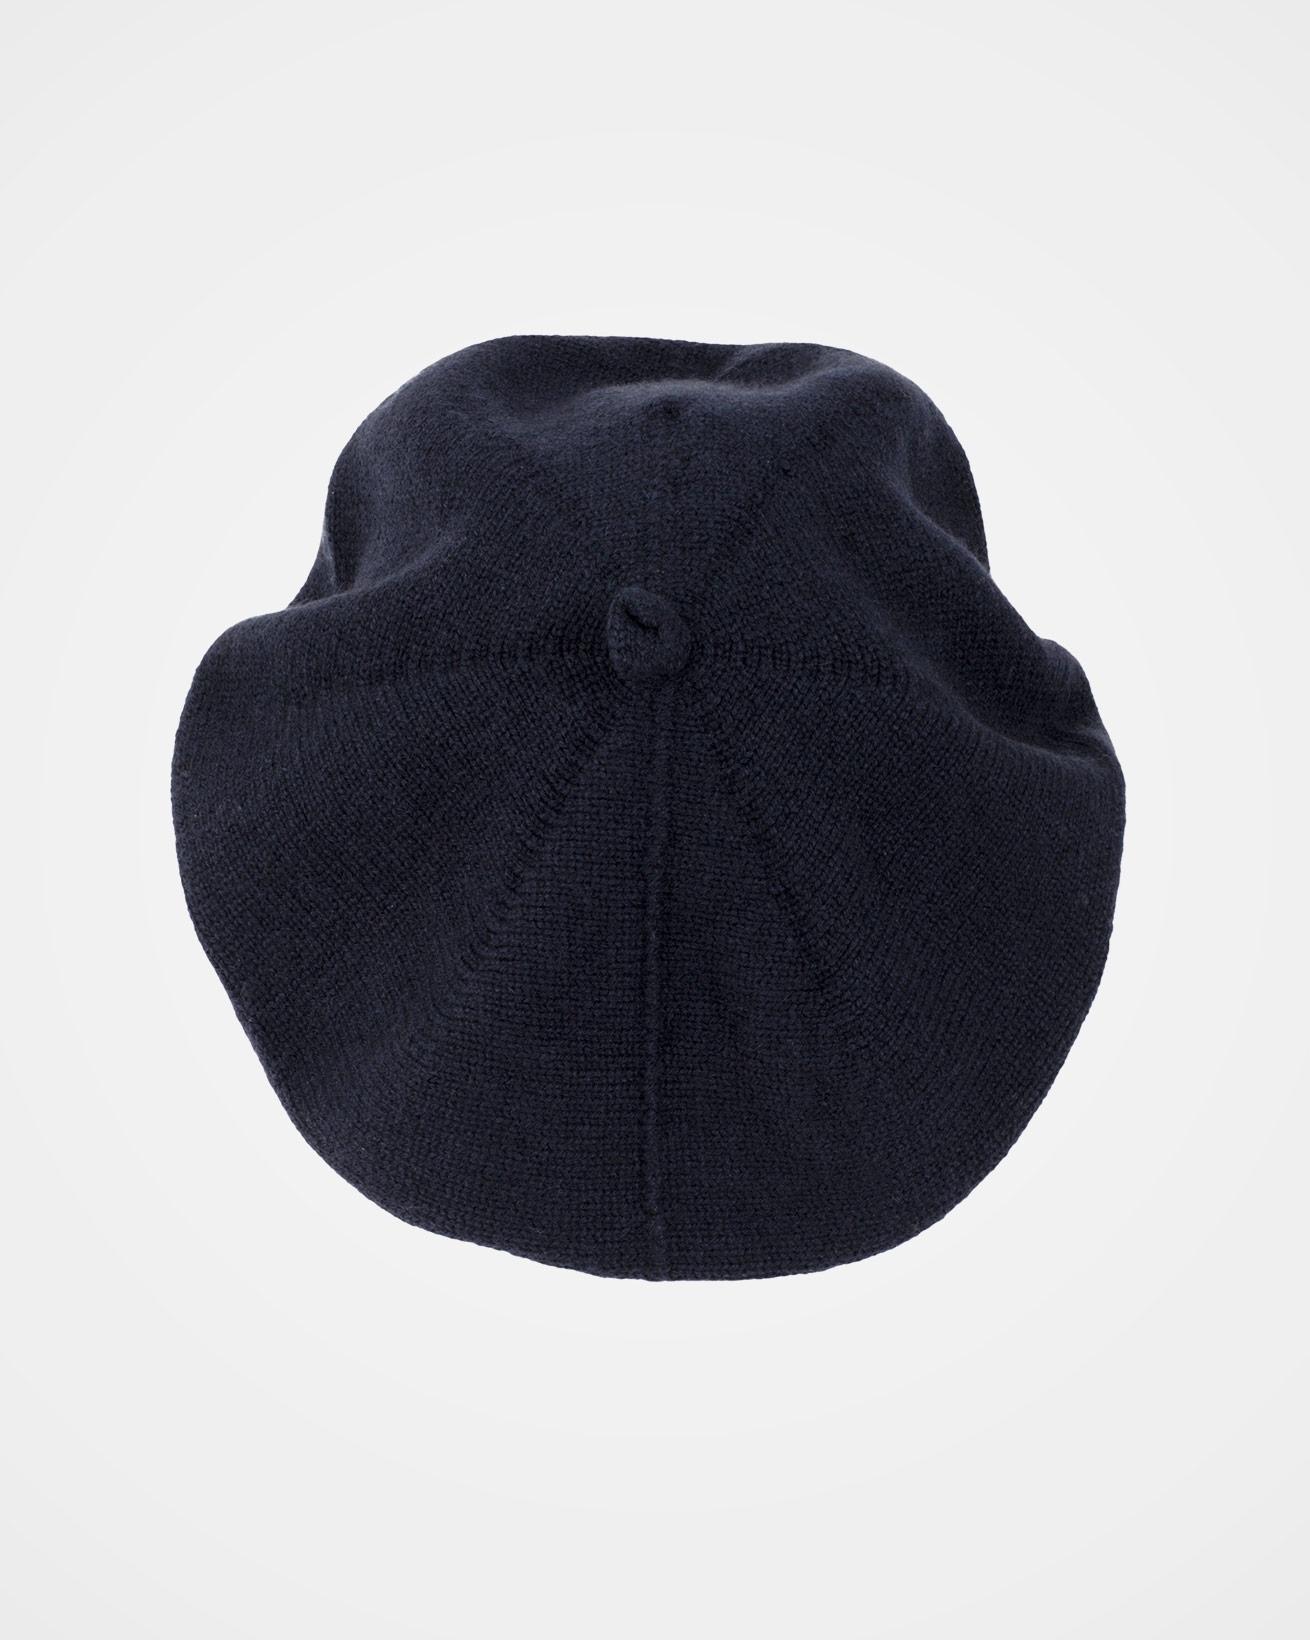 7489_cashmere-beret_navy_back_web.jpg